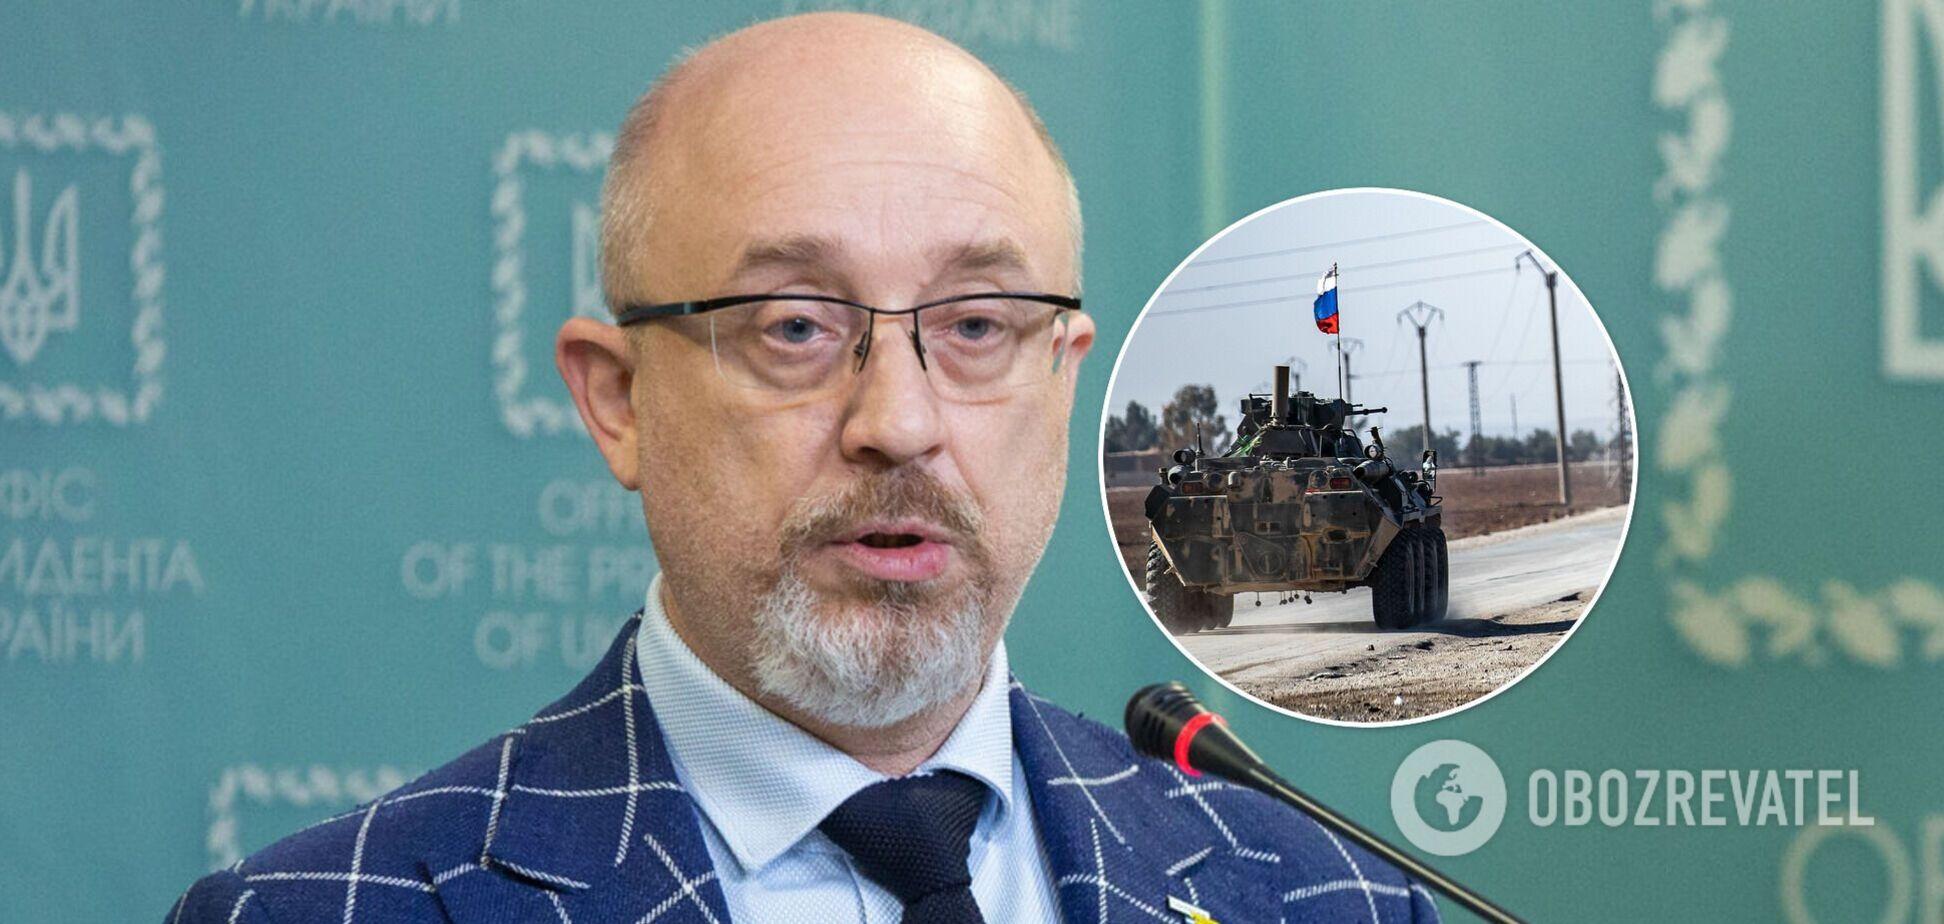 Резніков: РФ не вдасться до наступу на Україну, відчуваю це за різними факторами